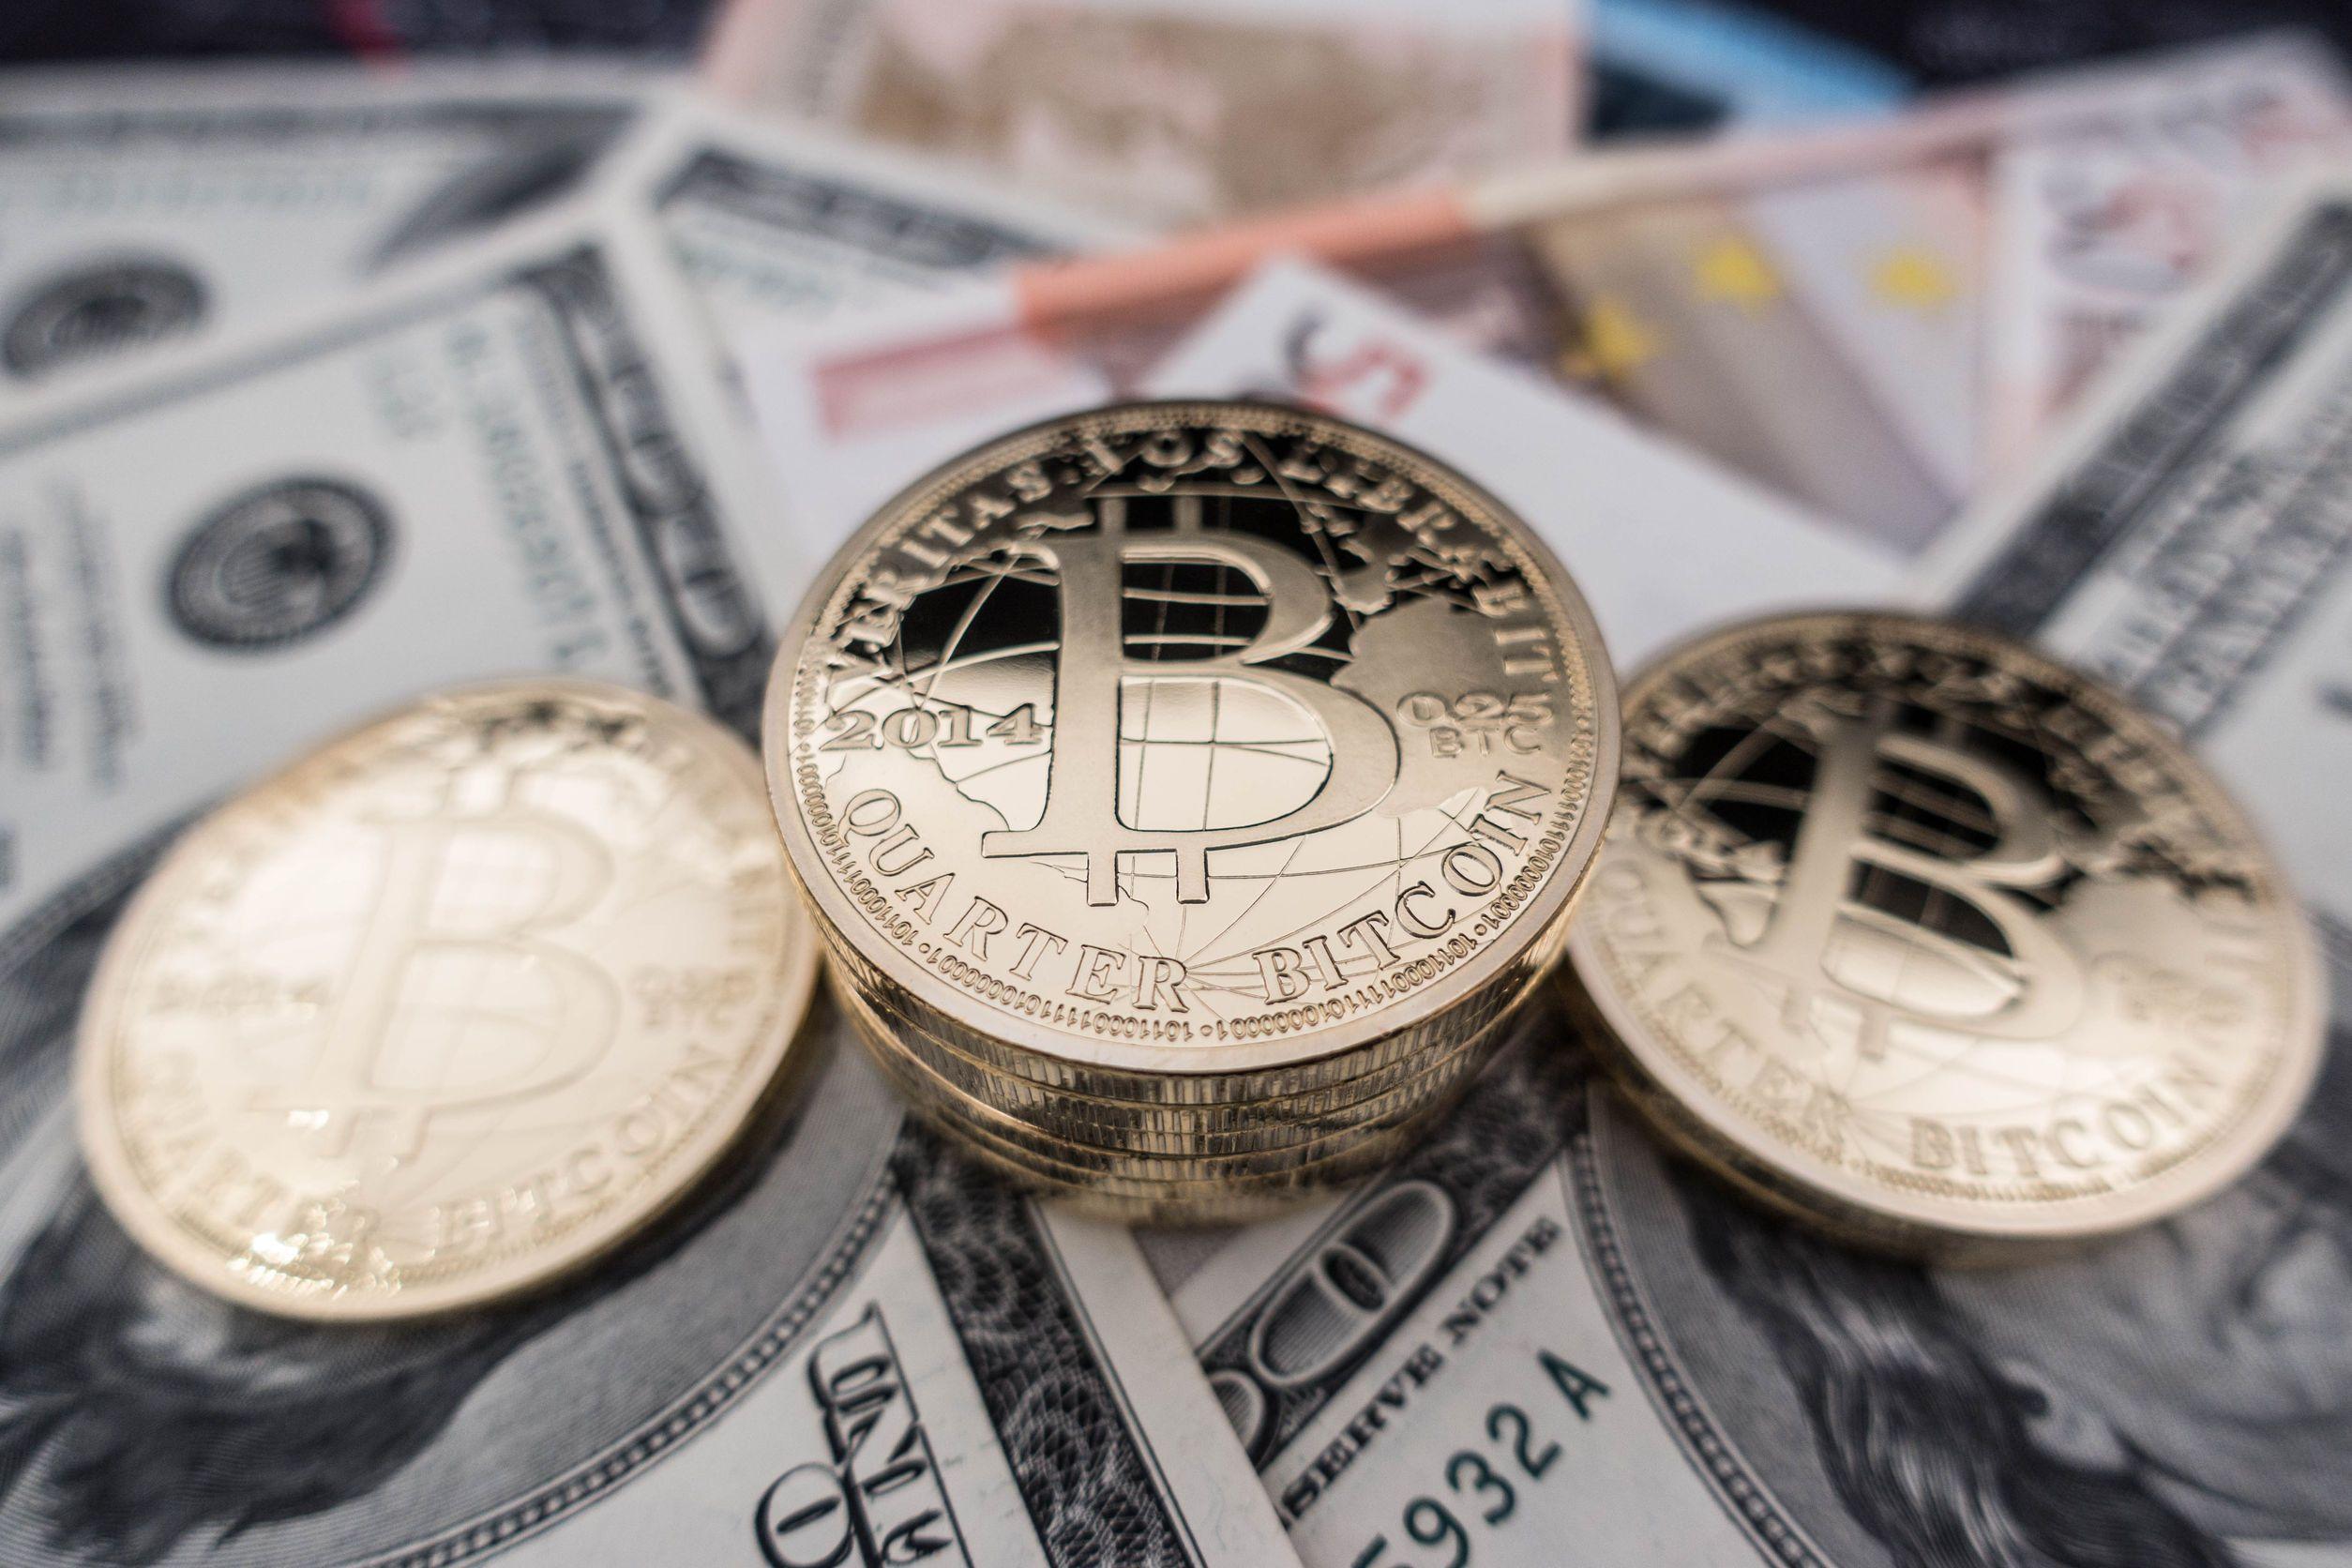 câștigurile cu plata în bitcoin semnale pentru recenziile opțiunilor turbo